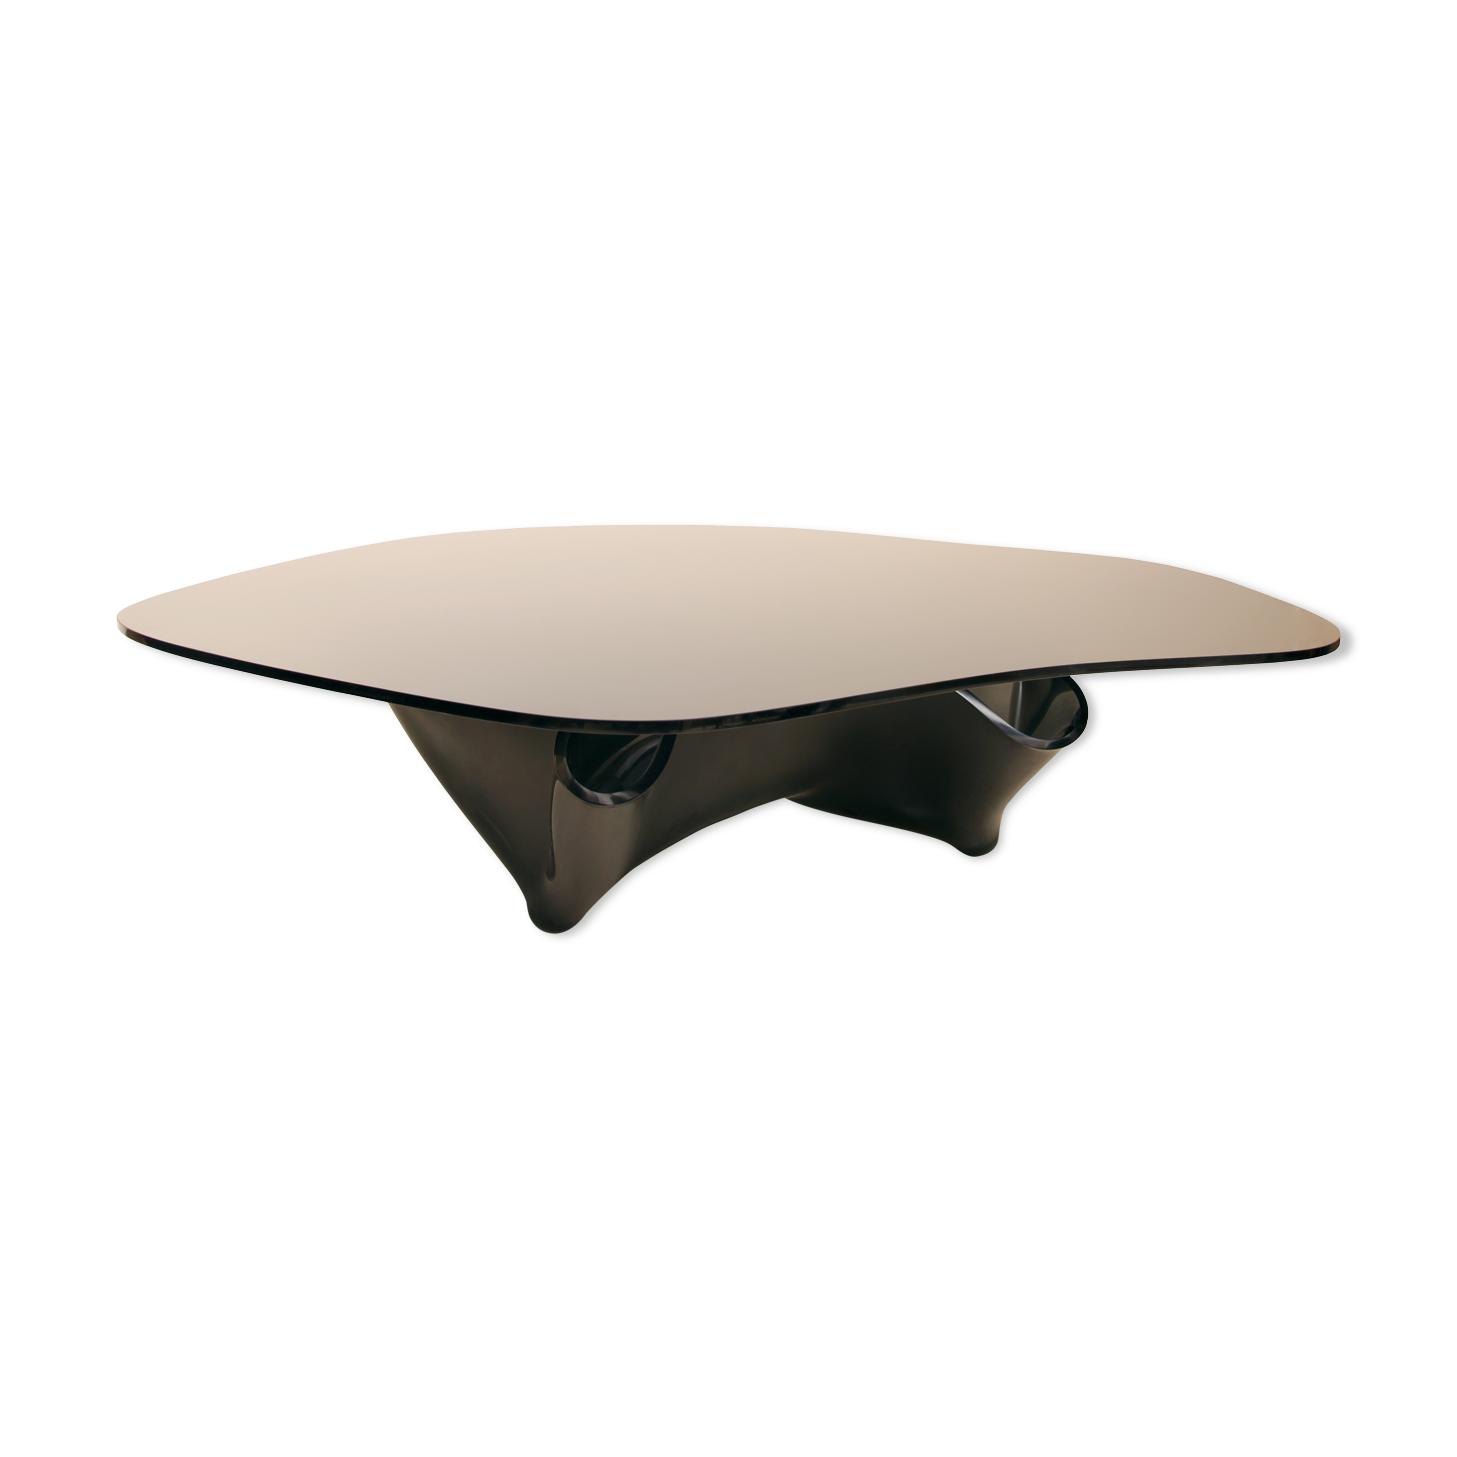 Table basse en verre noir Laurel Fyfe